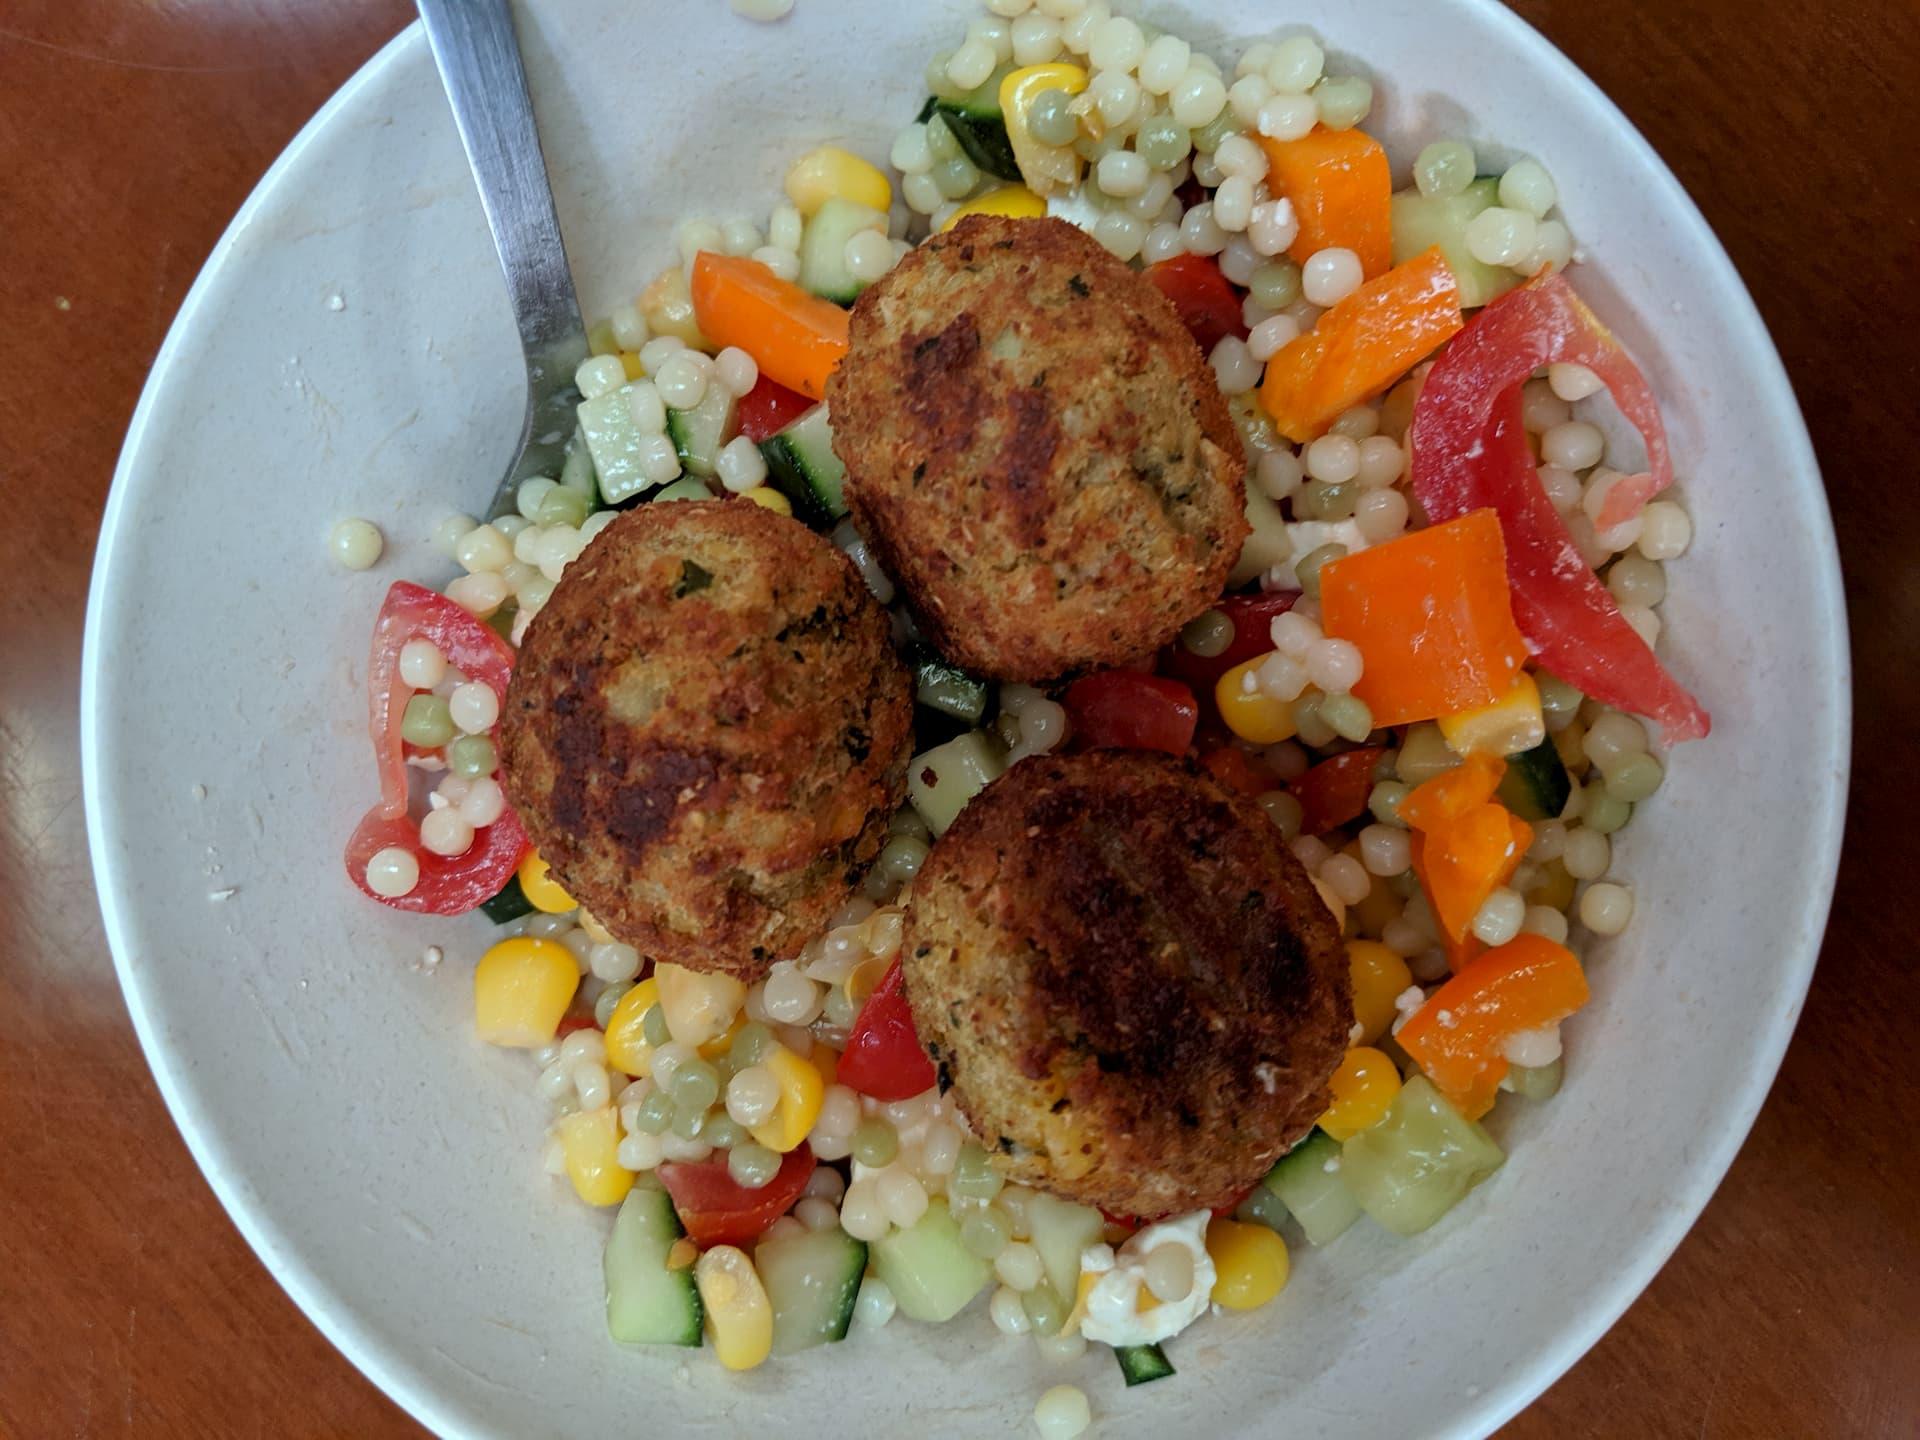 Salade de falafels, perles et légumes d'été